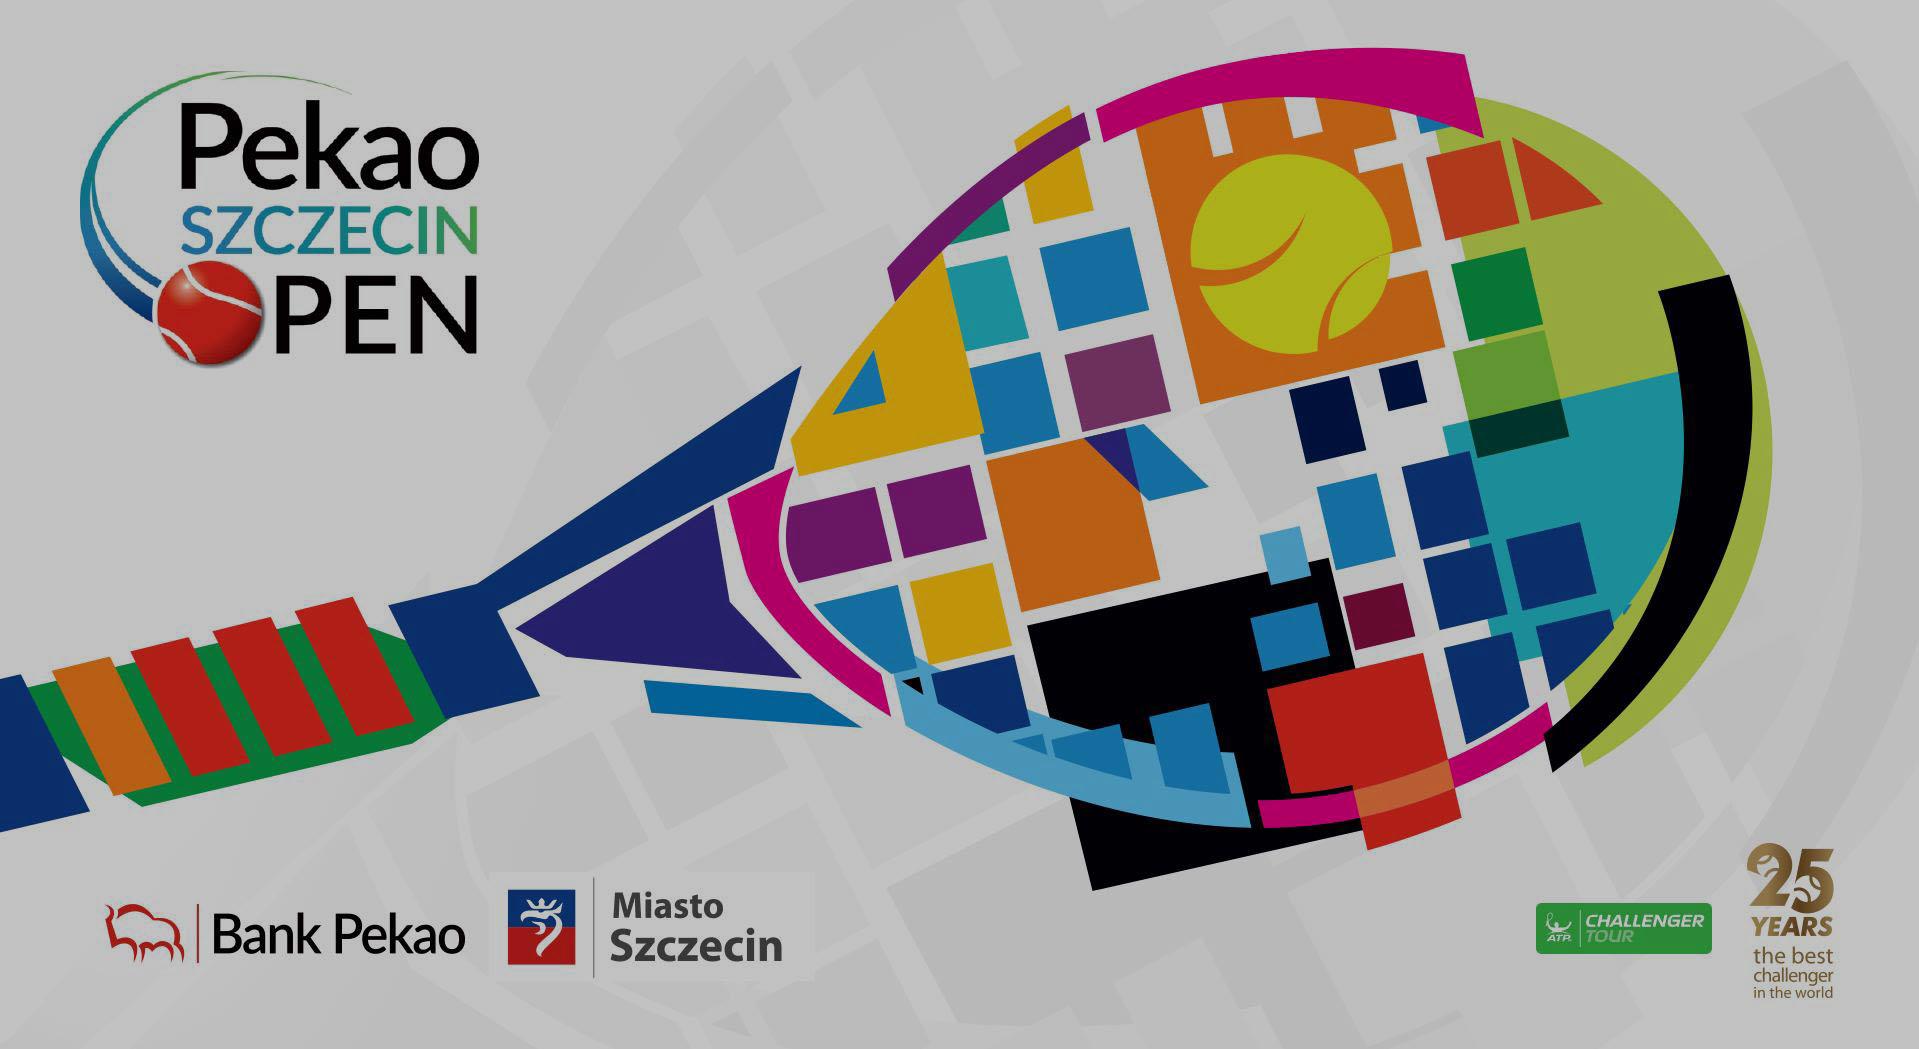 plakat Pekao Szczecin Open